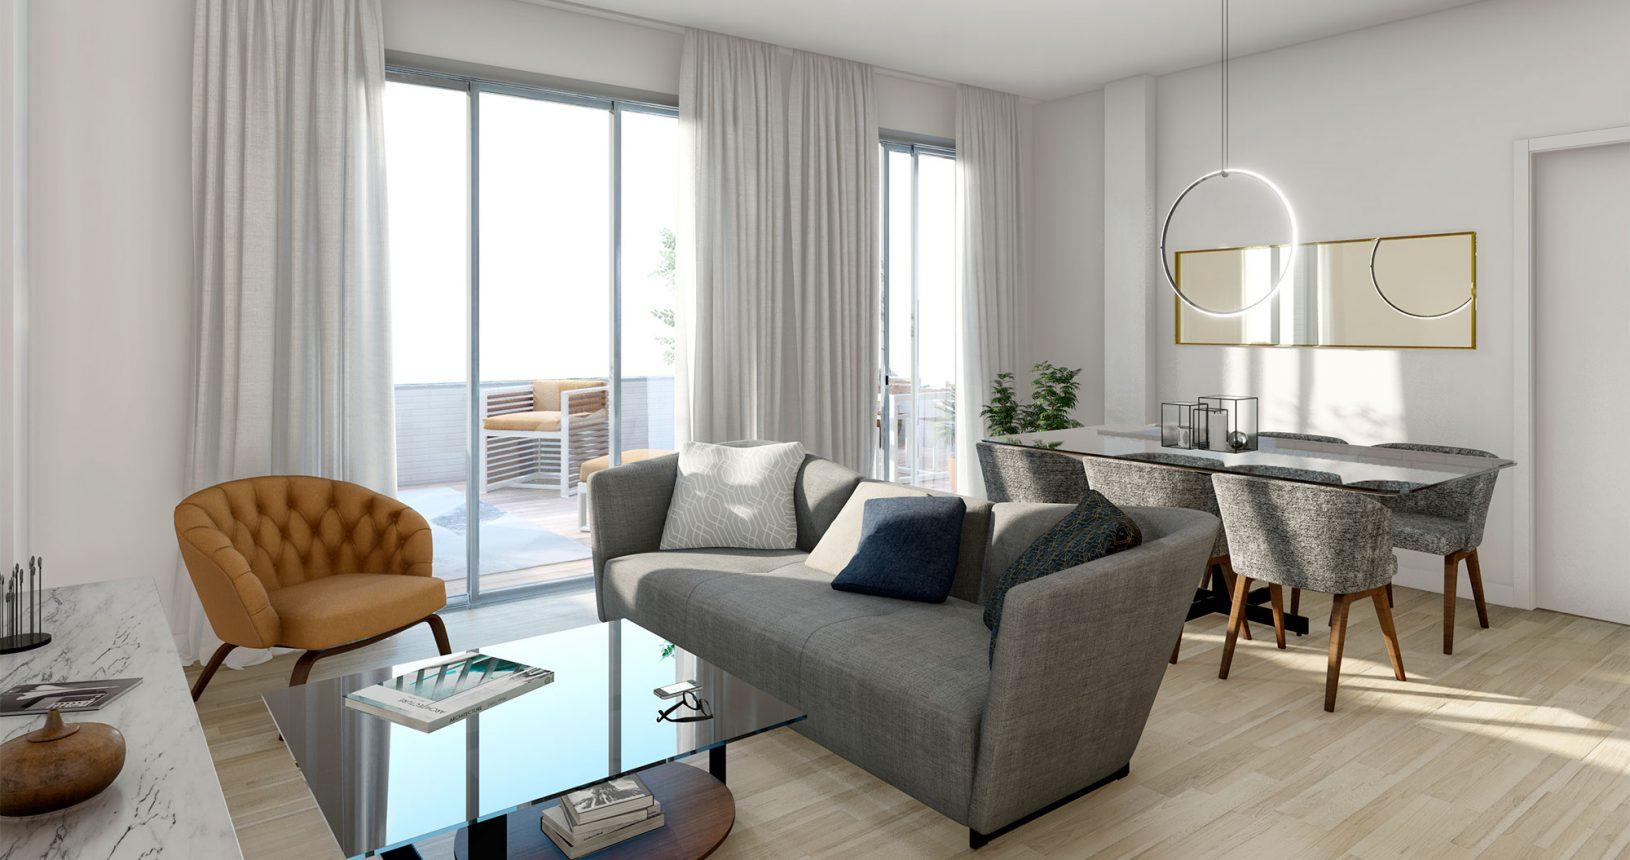 Salón de promociones de viviendas por Inmobiliaria Ciencasas